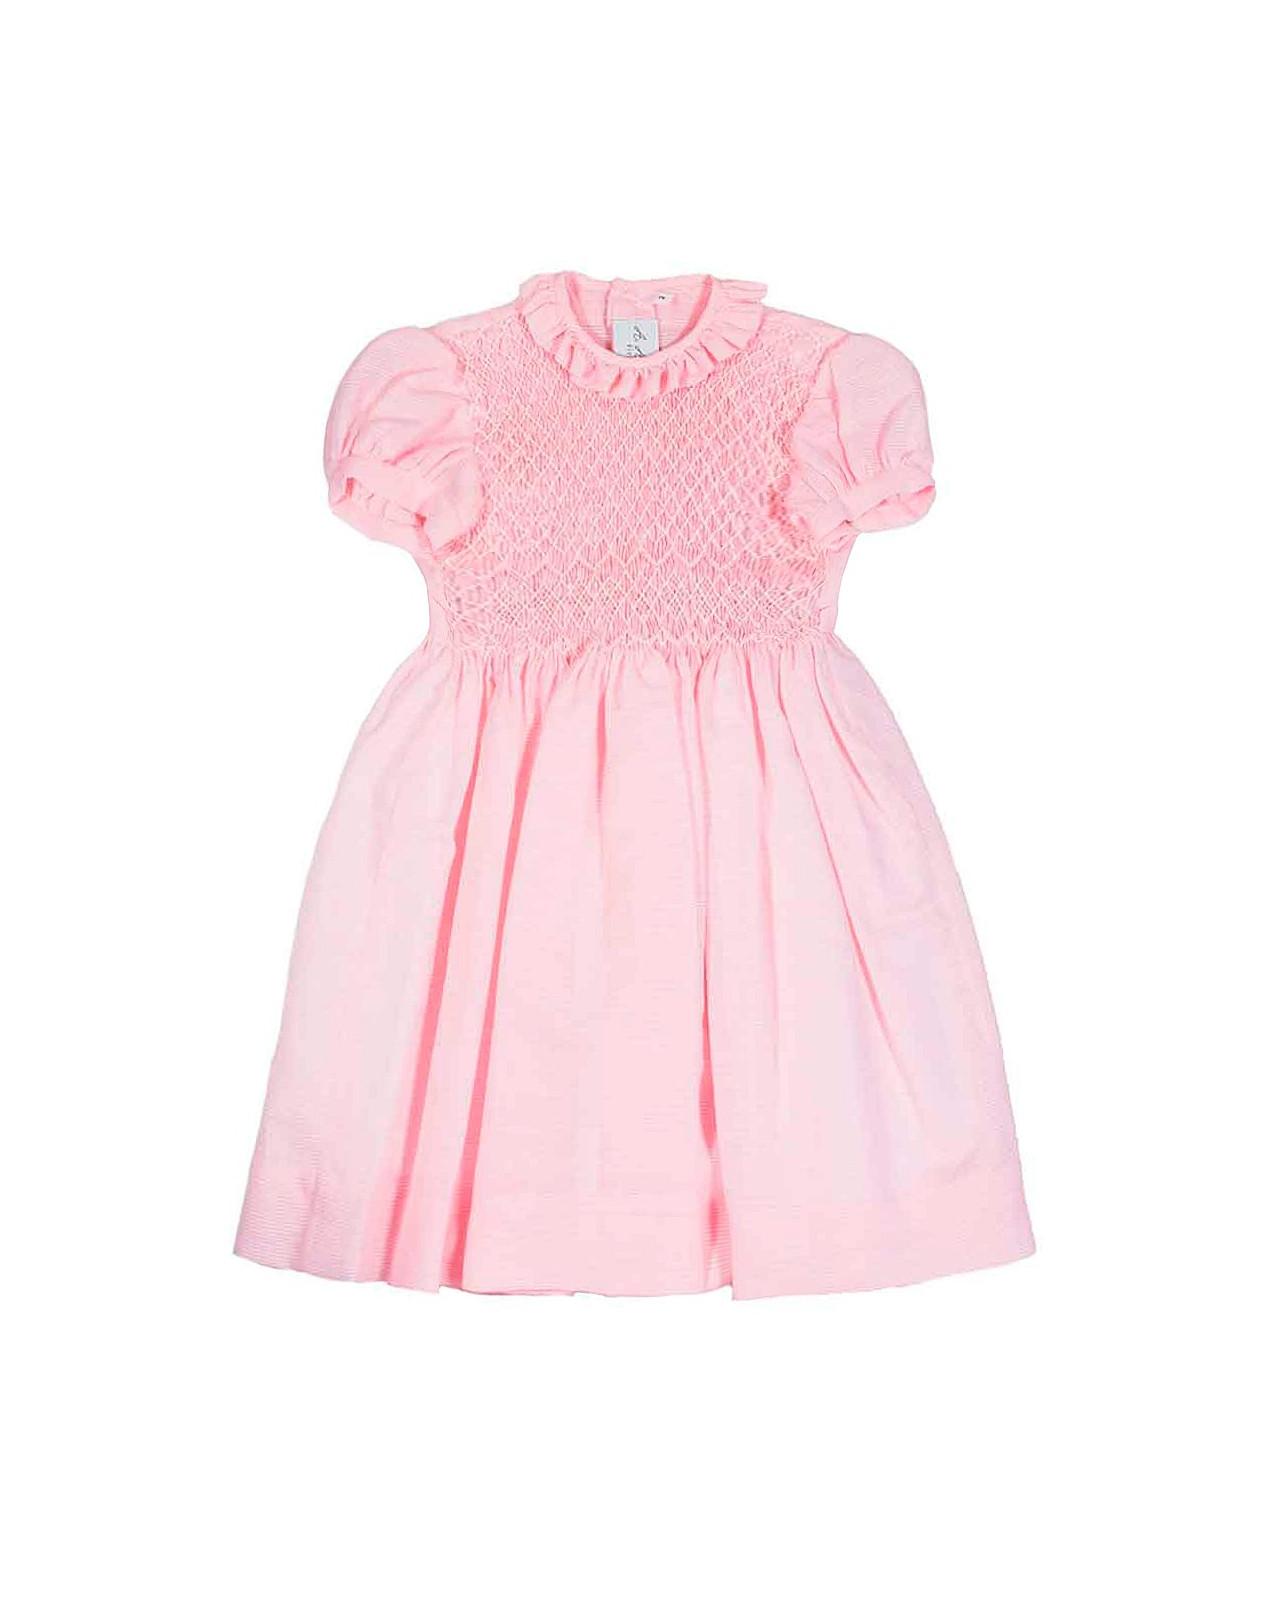 Chiara girl's smocked dress